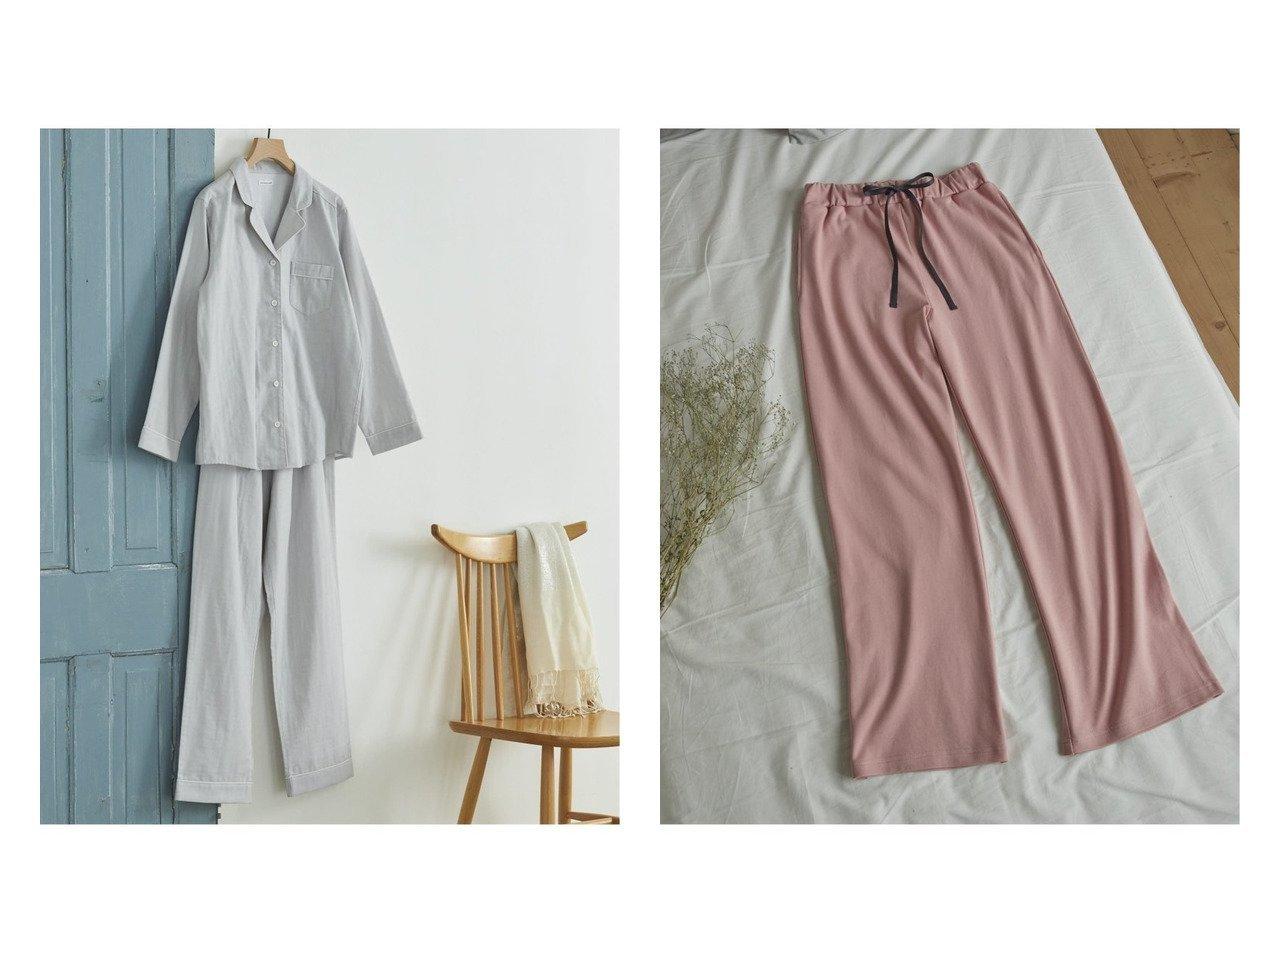 【une nana cool/ウンナナクール】のダブルガーゼ無地 パジャマ&Puchitto Ribbon ボトム おすすめ!人気、トレンド・レディースファッションの通販 おすすめで人気の流行・トレンド、ファッションの通販商品 インテリア・家具・メンズファッション・キッズファッション・レディースファッション・服の通販 founy(ファニー) https://founy.com/ ファッション Fashion レディースファッション WOMEN おすすめ Recommend なめらか インナー シンプル パジャマ ボトム ポケット リボン ルーズ ダブル 無地 |ID:crp329100000064056